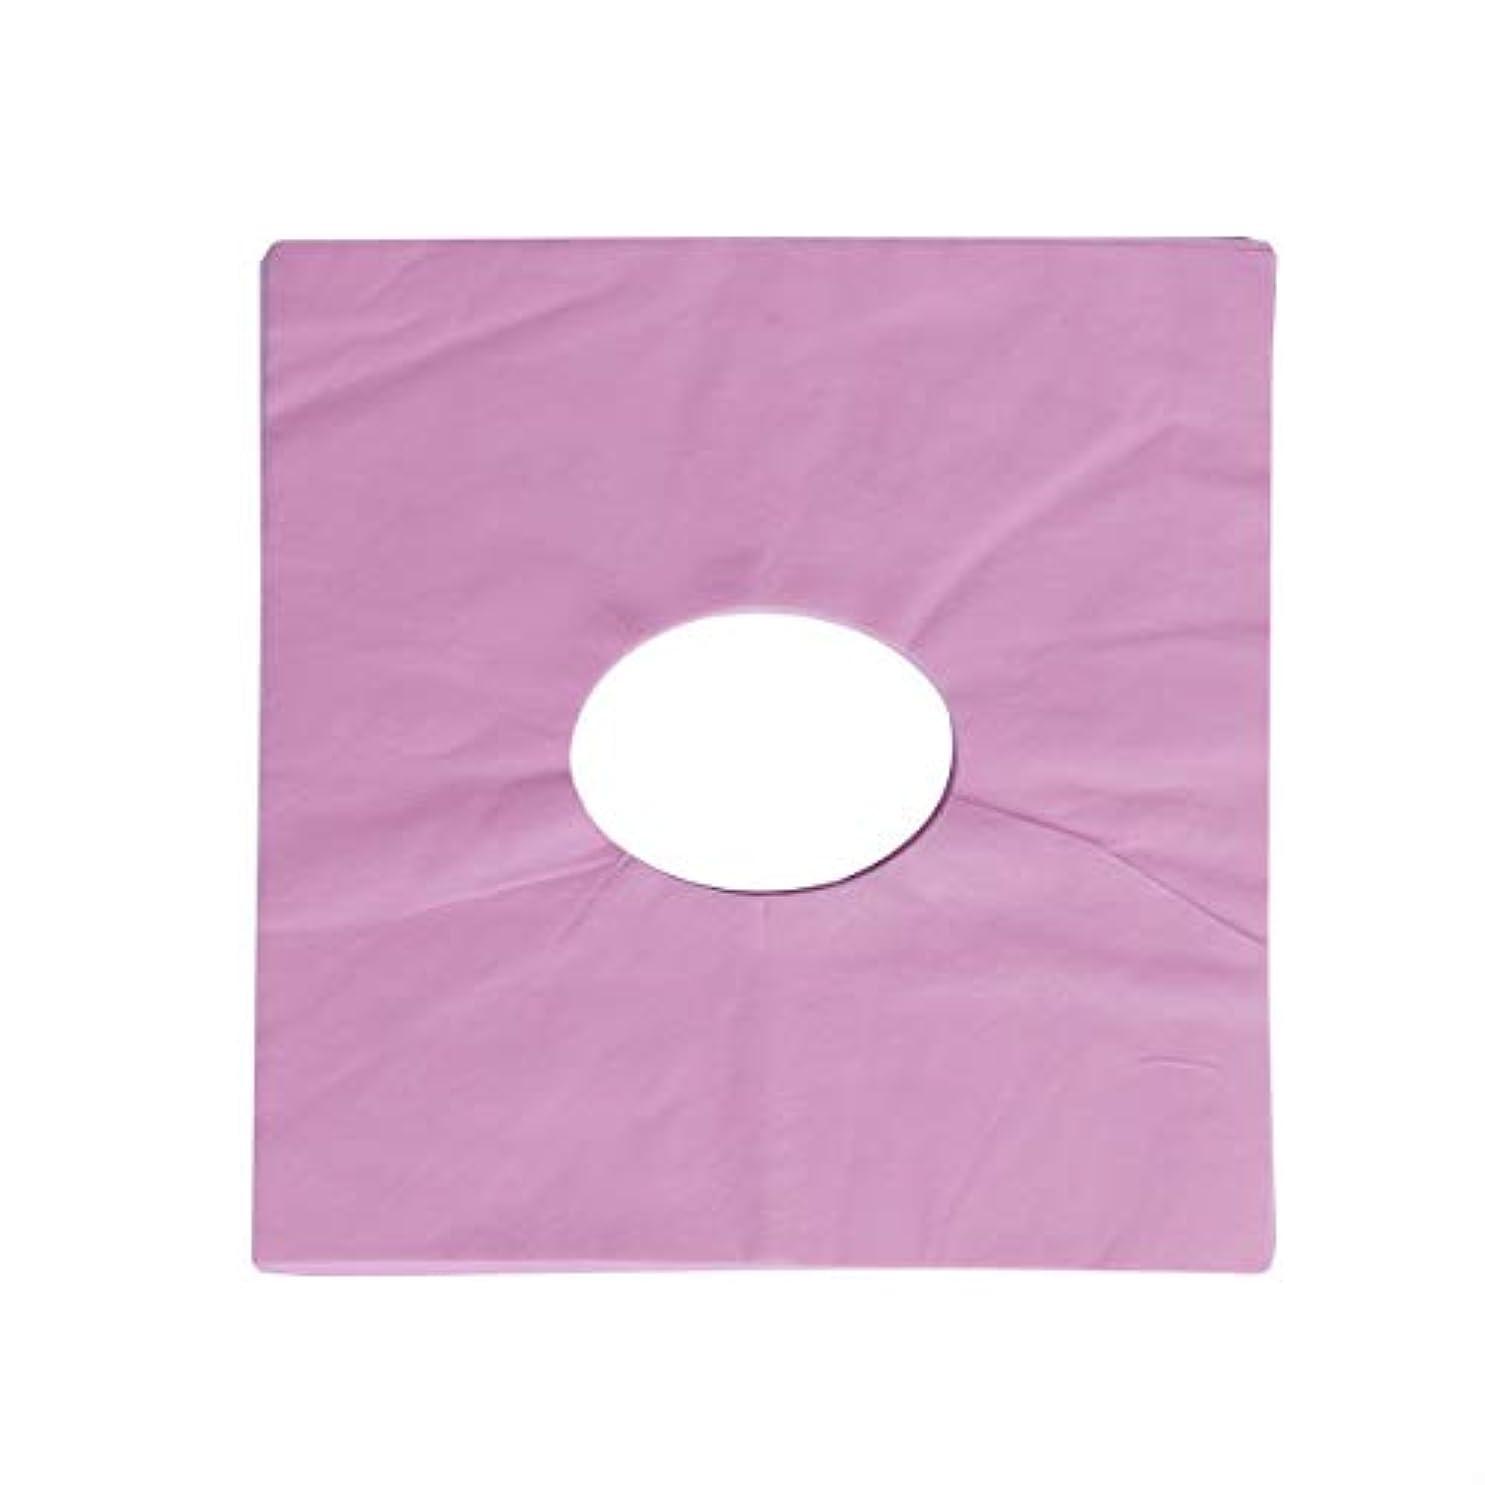 推論チャーミング助けてSUPVOX 100ピース使い捨てマッサージフェイスクレードルカバーフェイスマッサージヘッドレストカバー用スパ美容院マッサージ(ピンク)